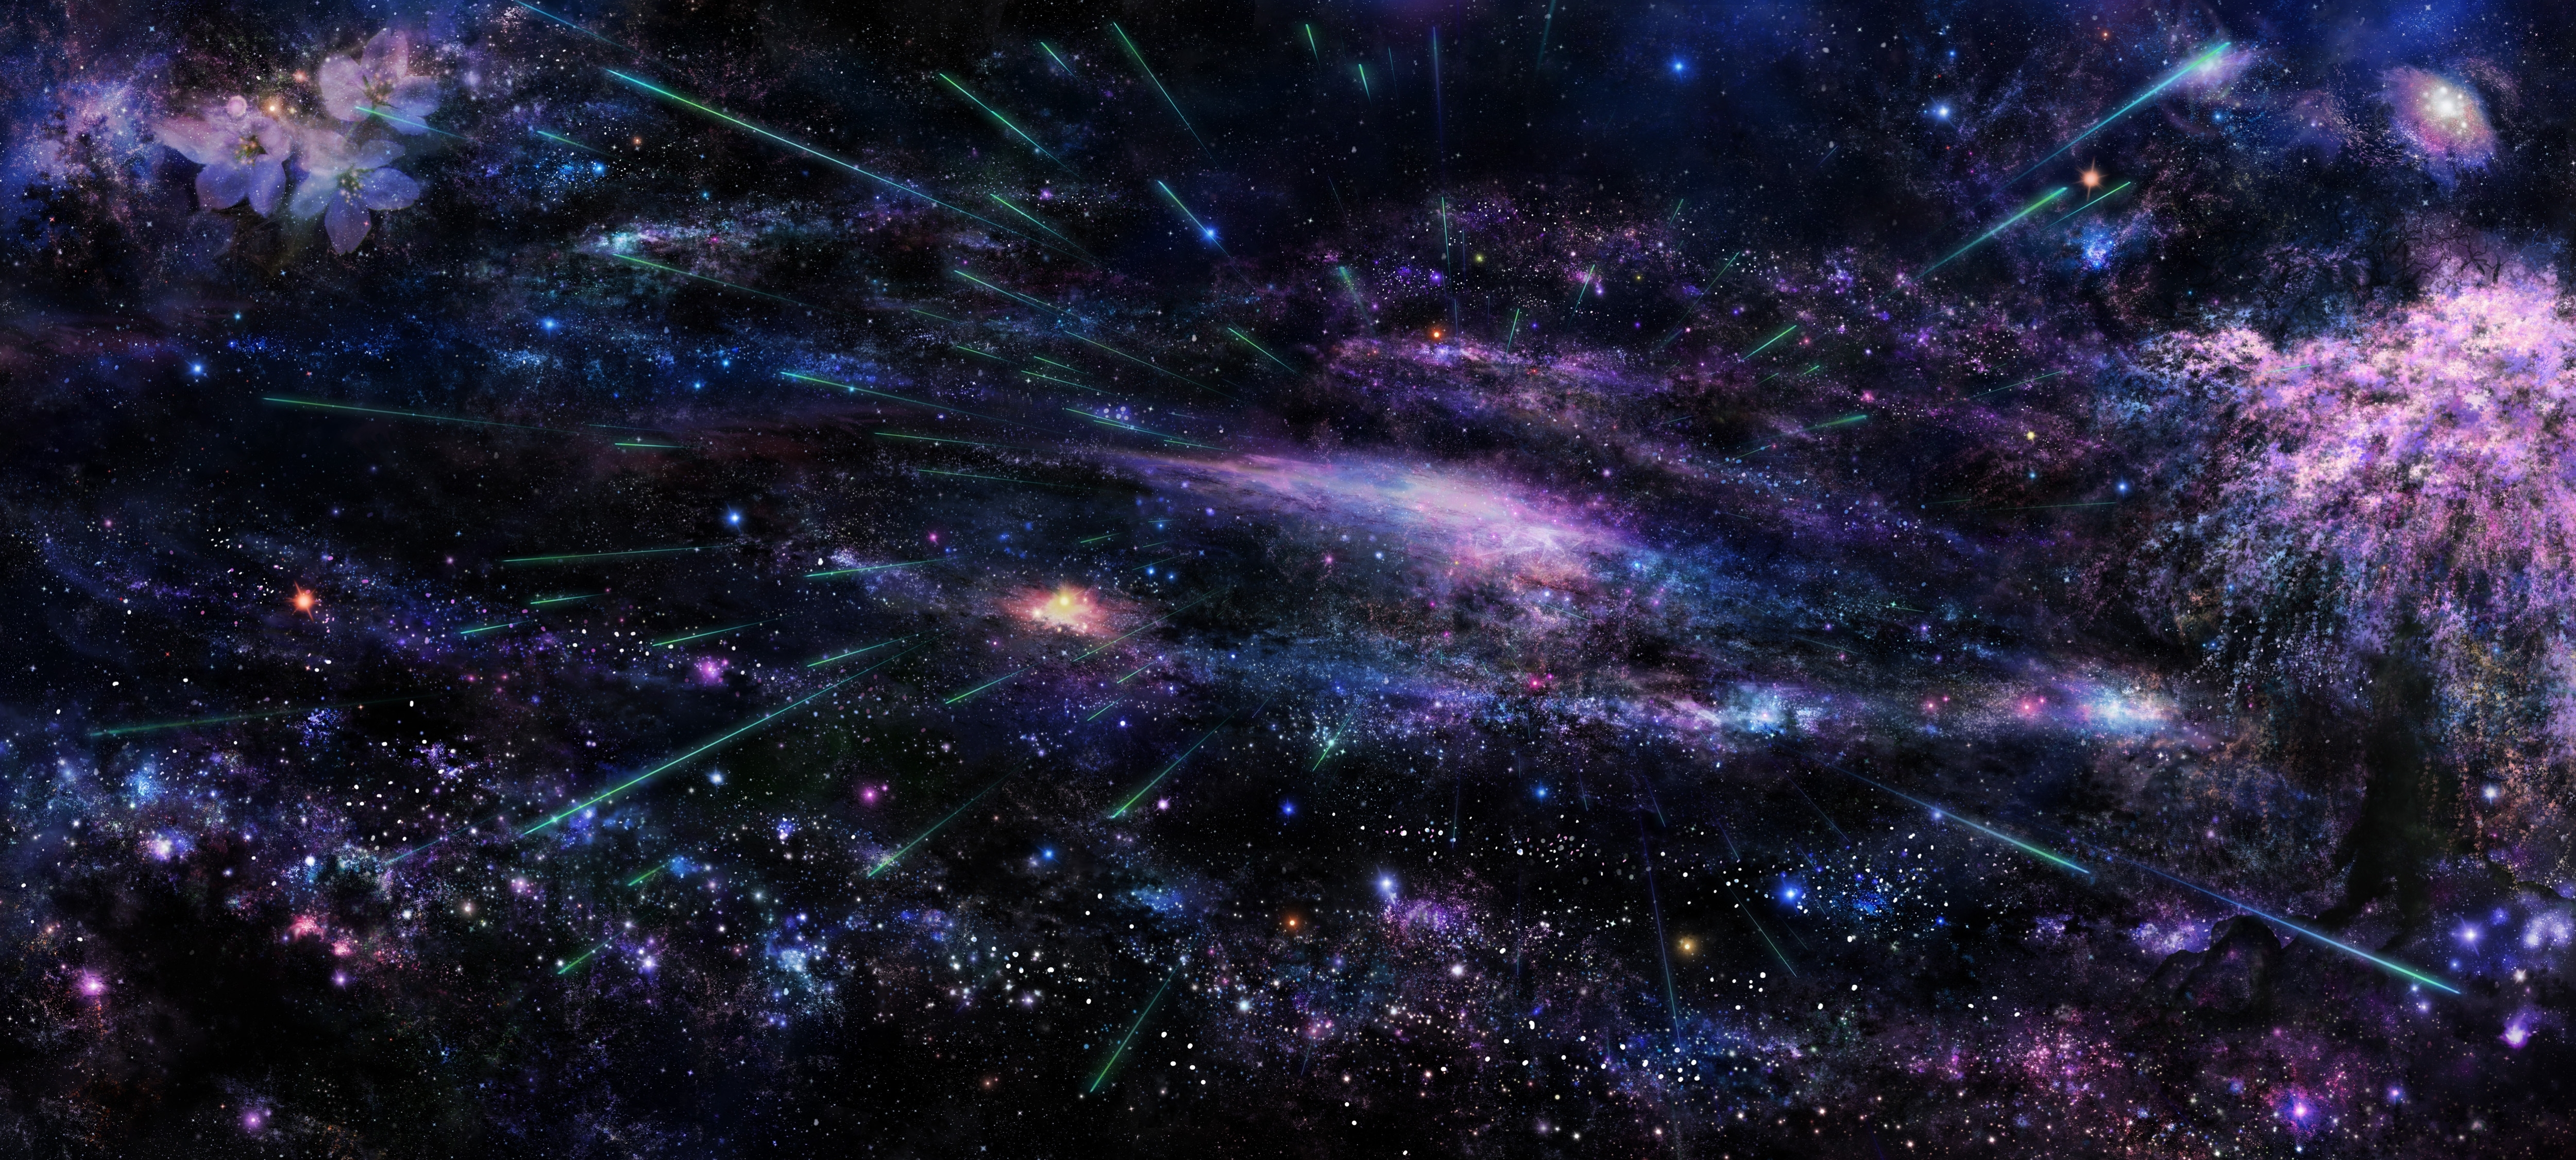 108836 скачать обои Небо, Пространство, Космос, Дерево, Арт, Звёзды - заставки и картинки бесплатно